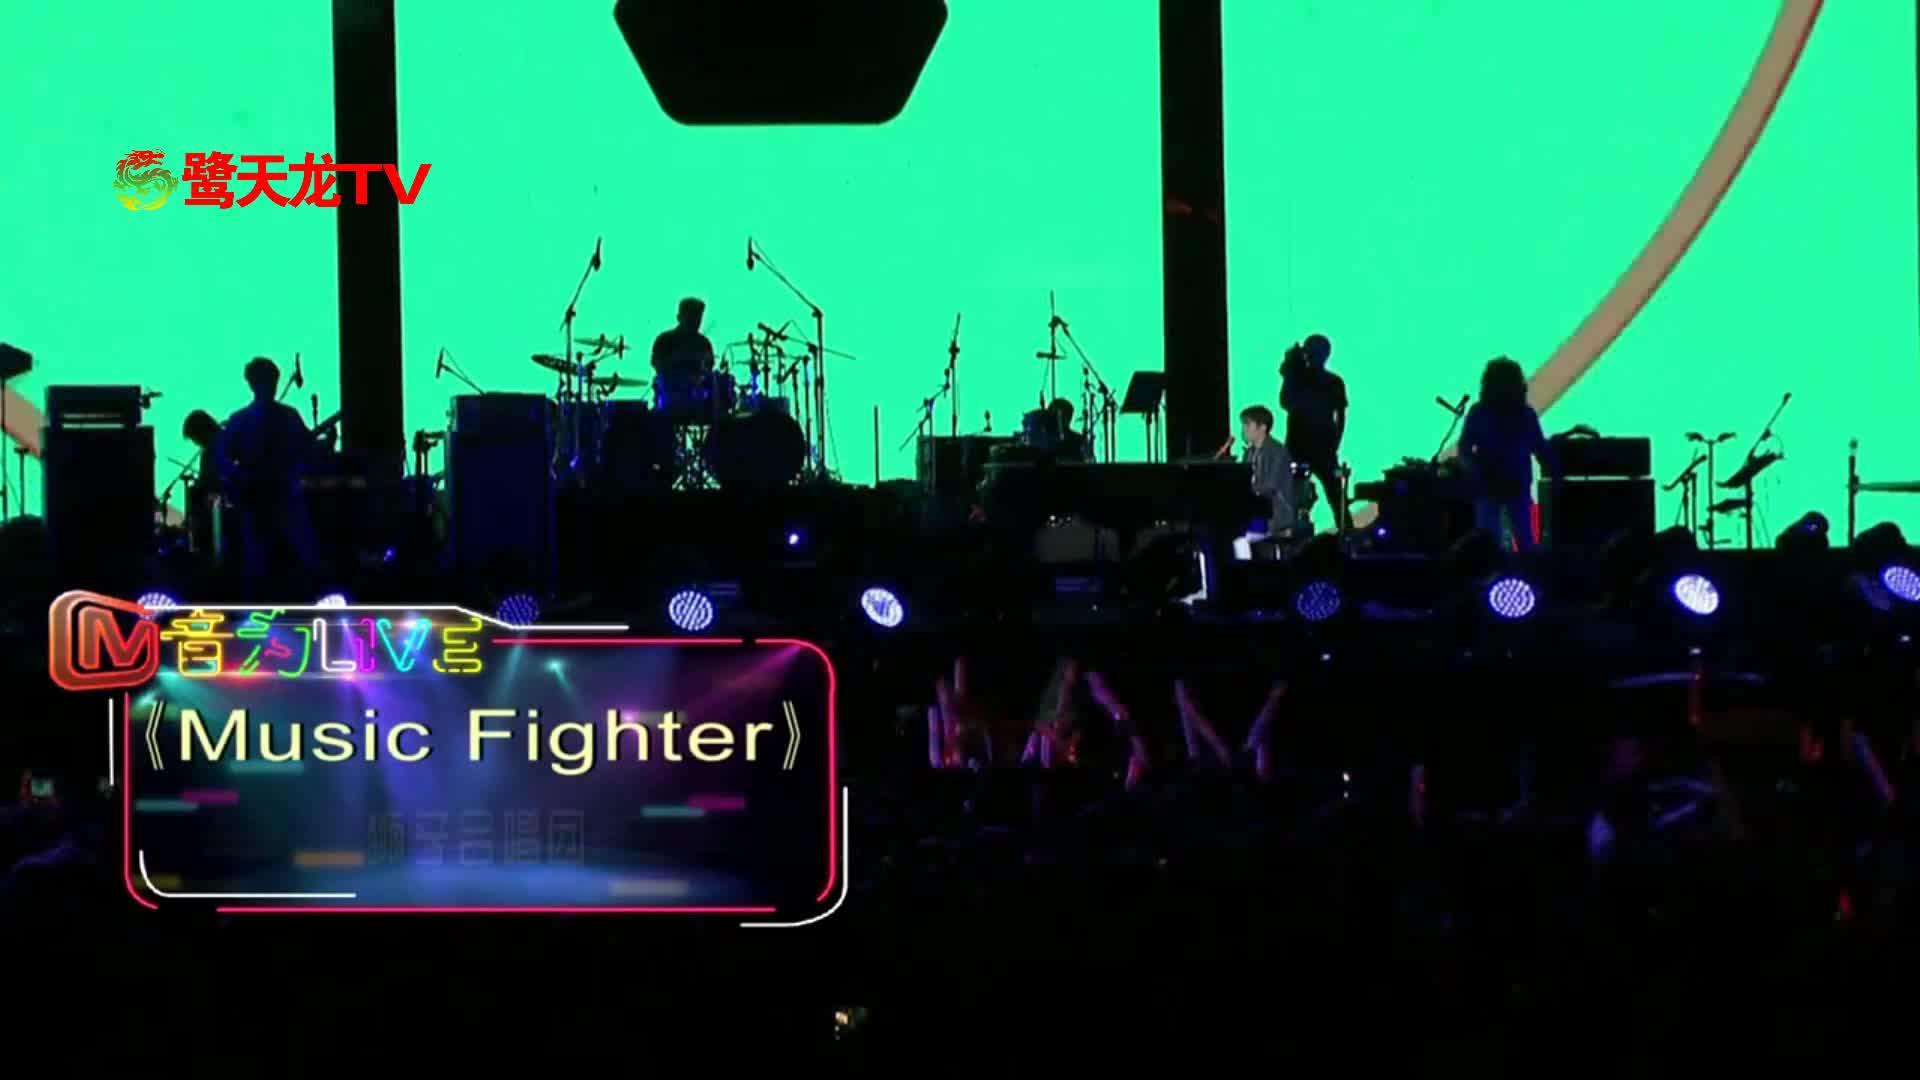 成都春浪音乐节:狮子合唱团《Music Fighter》